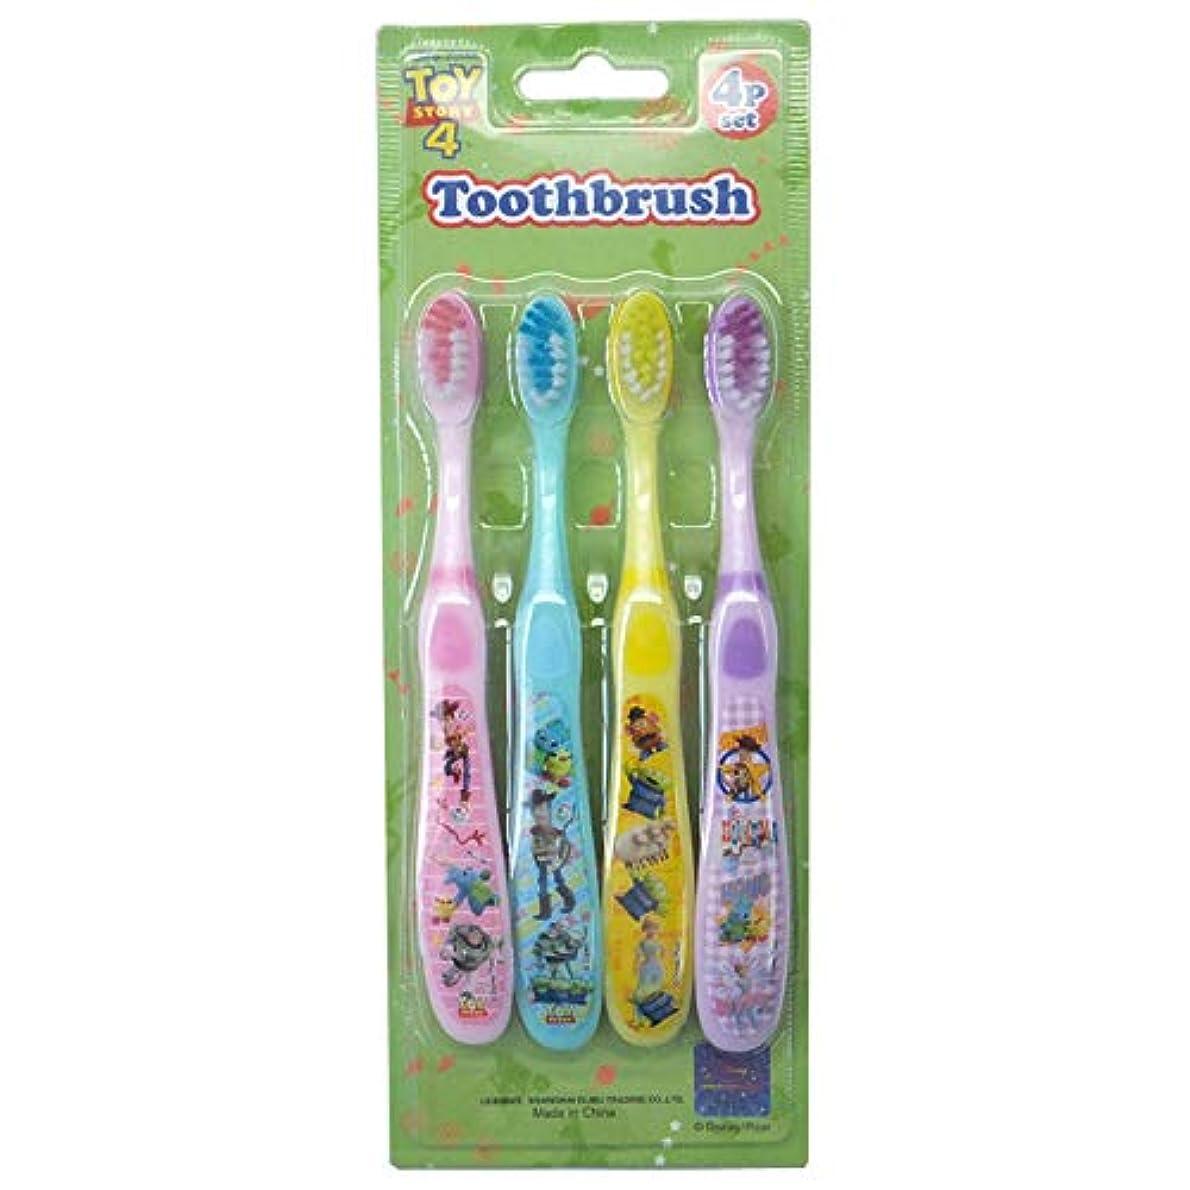 宮殿途方もないフルーティー歯ブラシ4Pセット 26911-12(12/トイストーリー) キャラクター Disney ディズニー オーラルケア 歯磨き 洗面所 子供 キッズ